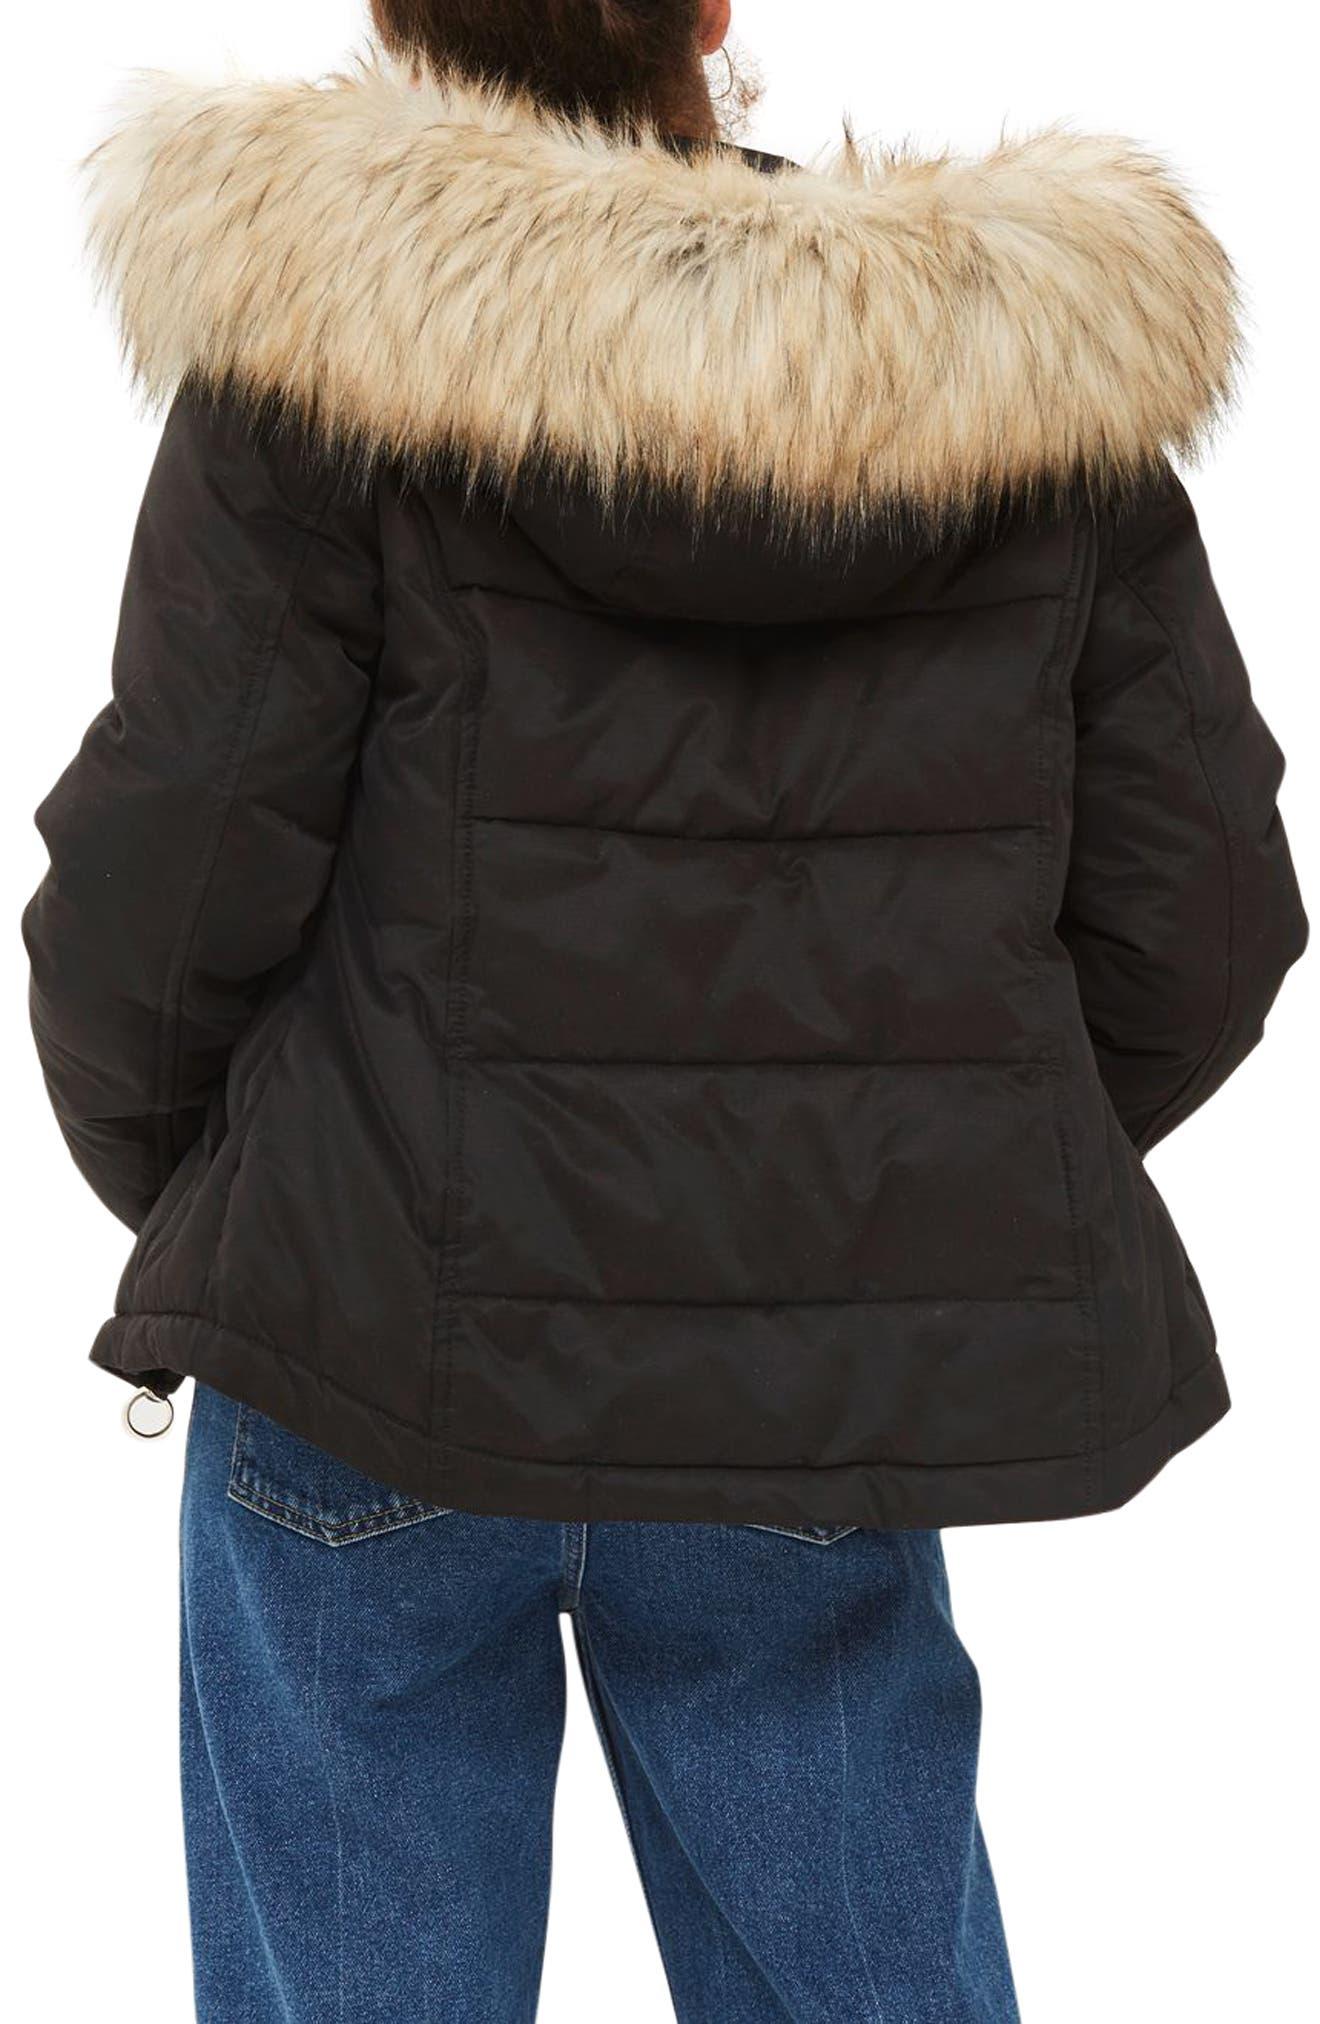 Jerry Faux Fur Trim Puffer Jacket,                             Alternate thumbnail 2, color,                             001